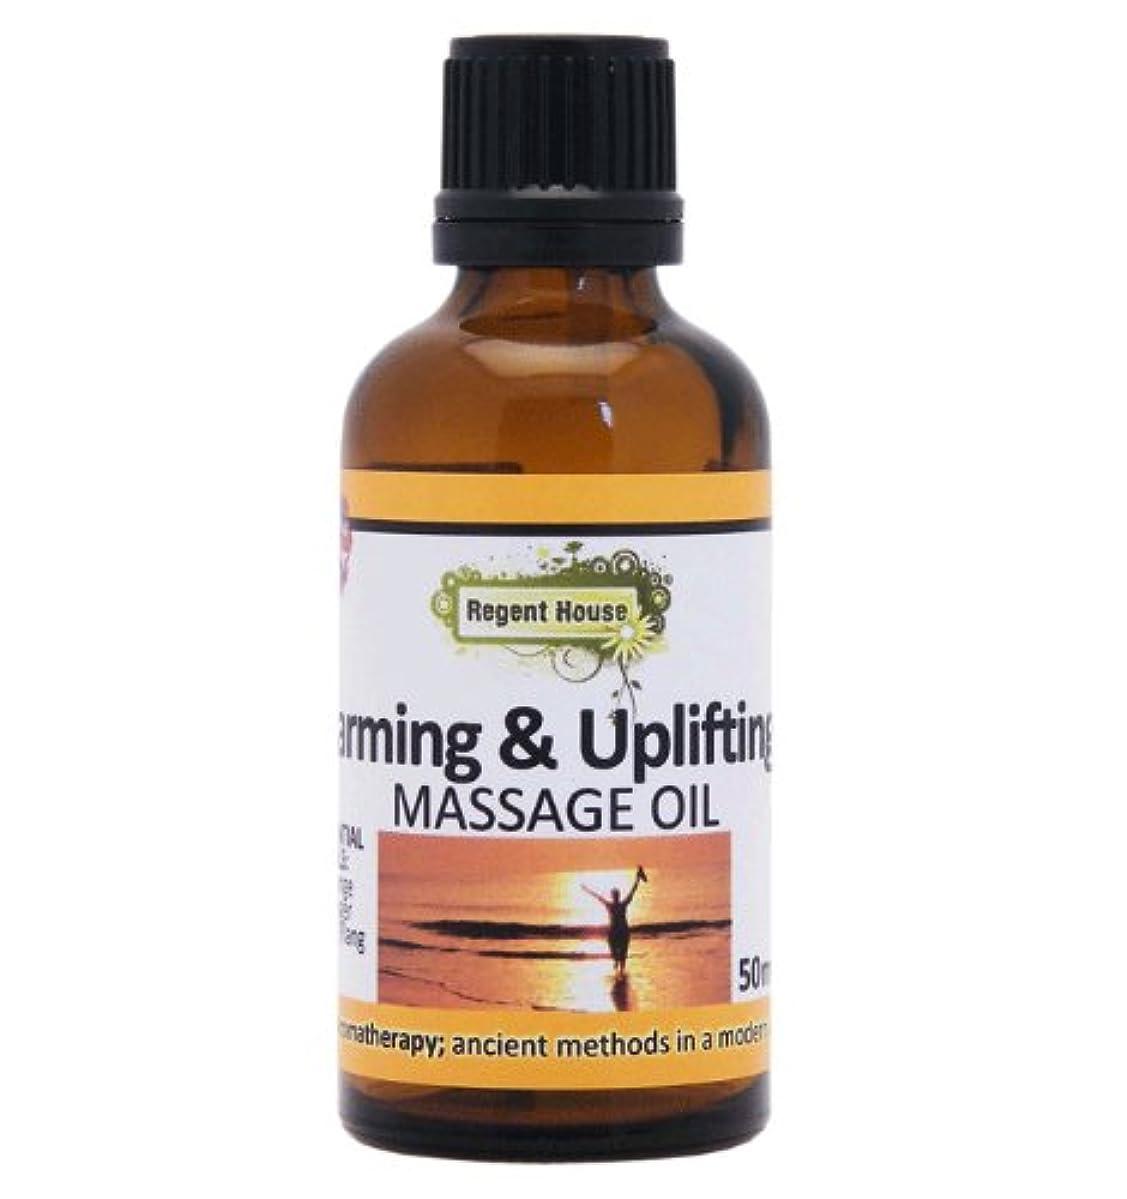 鍔ケージ地域のイタリア産の天然オレンジ精油を、たっぷり配合。 アロマ ナチュラル マッサージオイル 50ml ウォーミング&アップリフティング(Aroma Massage Oil Warming & Uplifting)